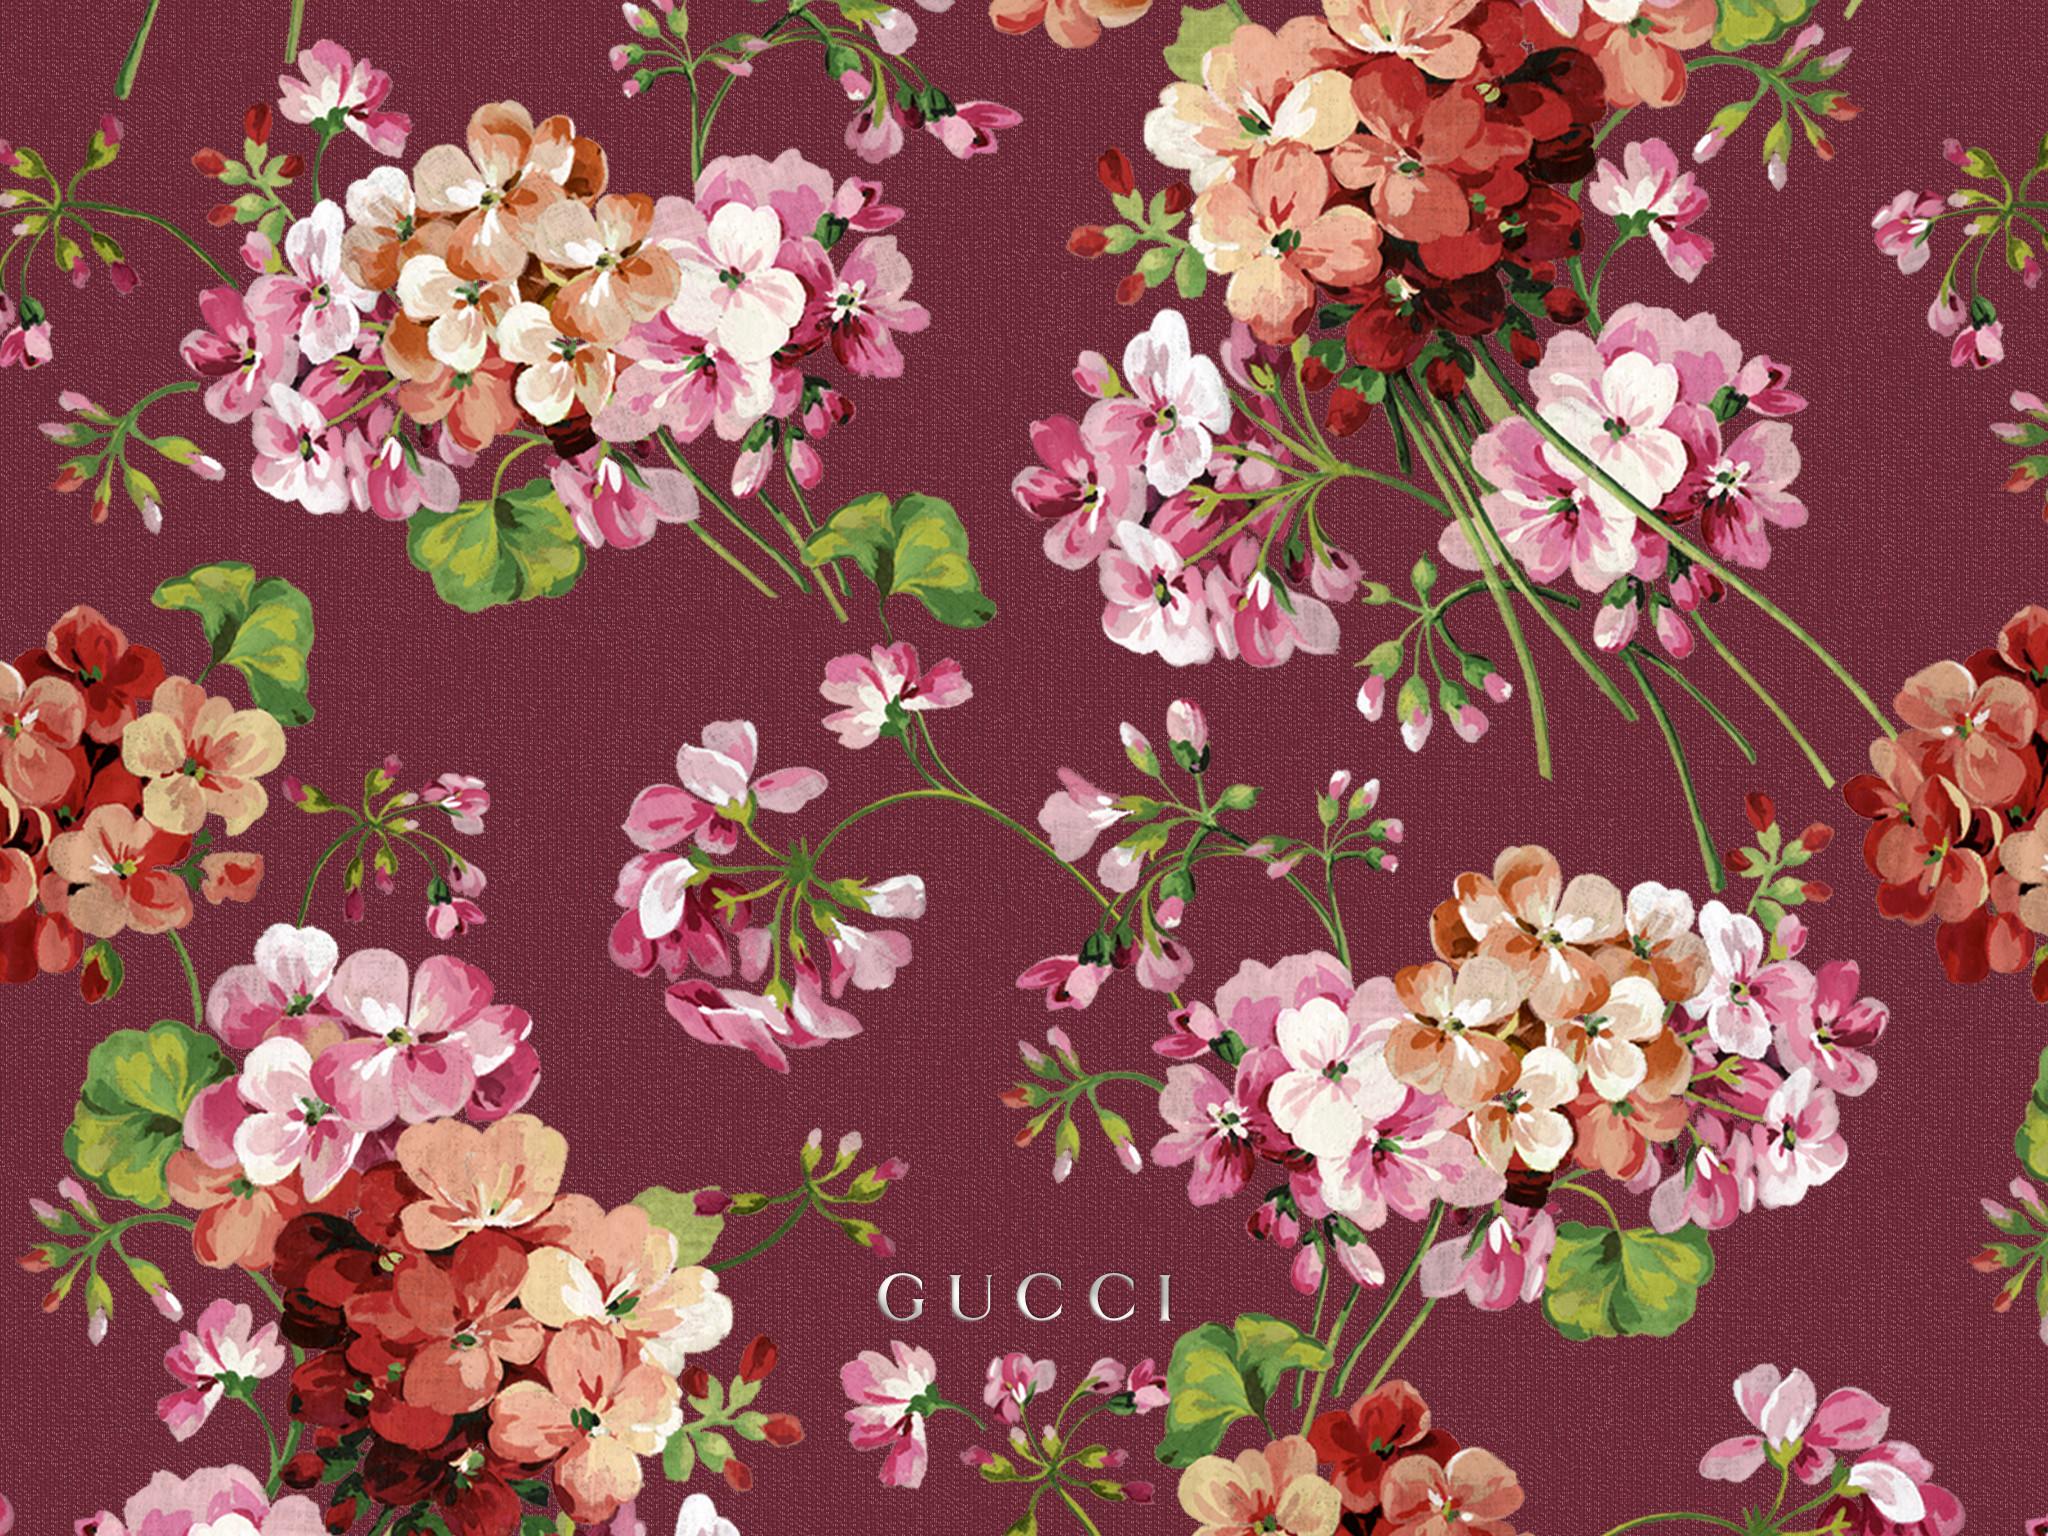 Trafalgar Law Iphone Wallpaper Gucci Wallpaper 69 Immagini